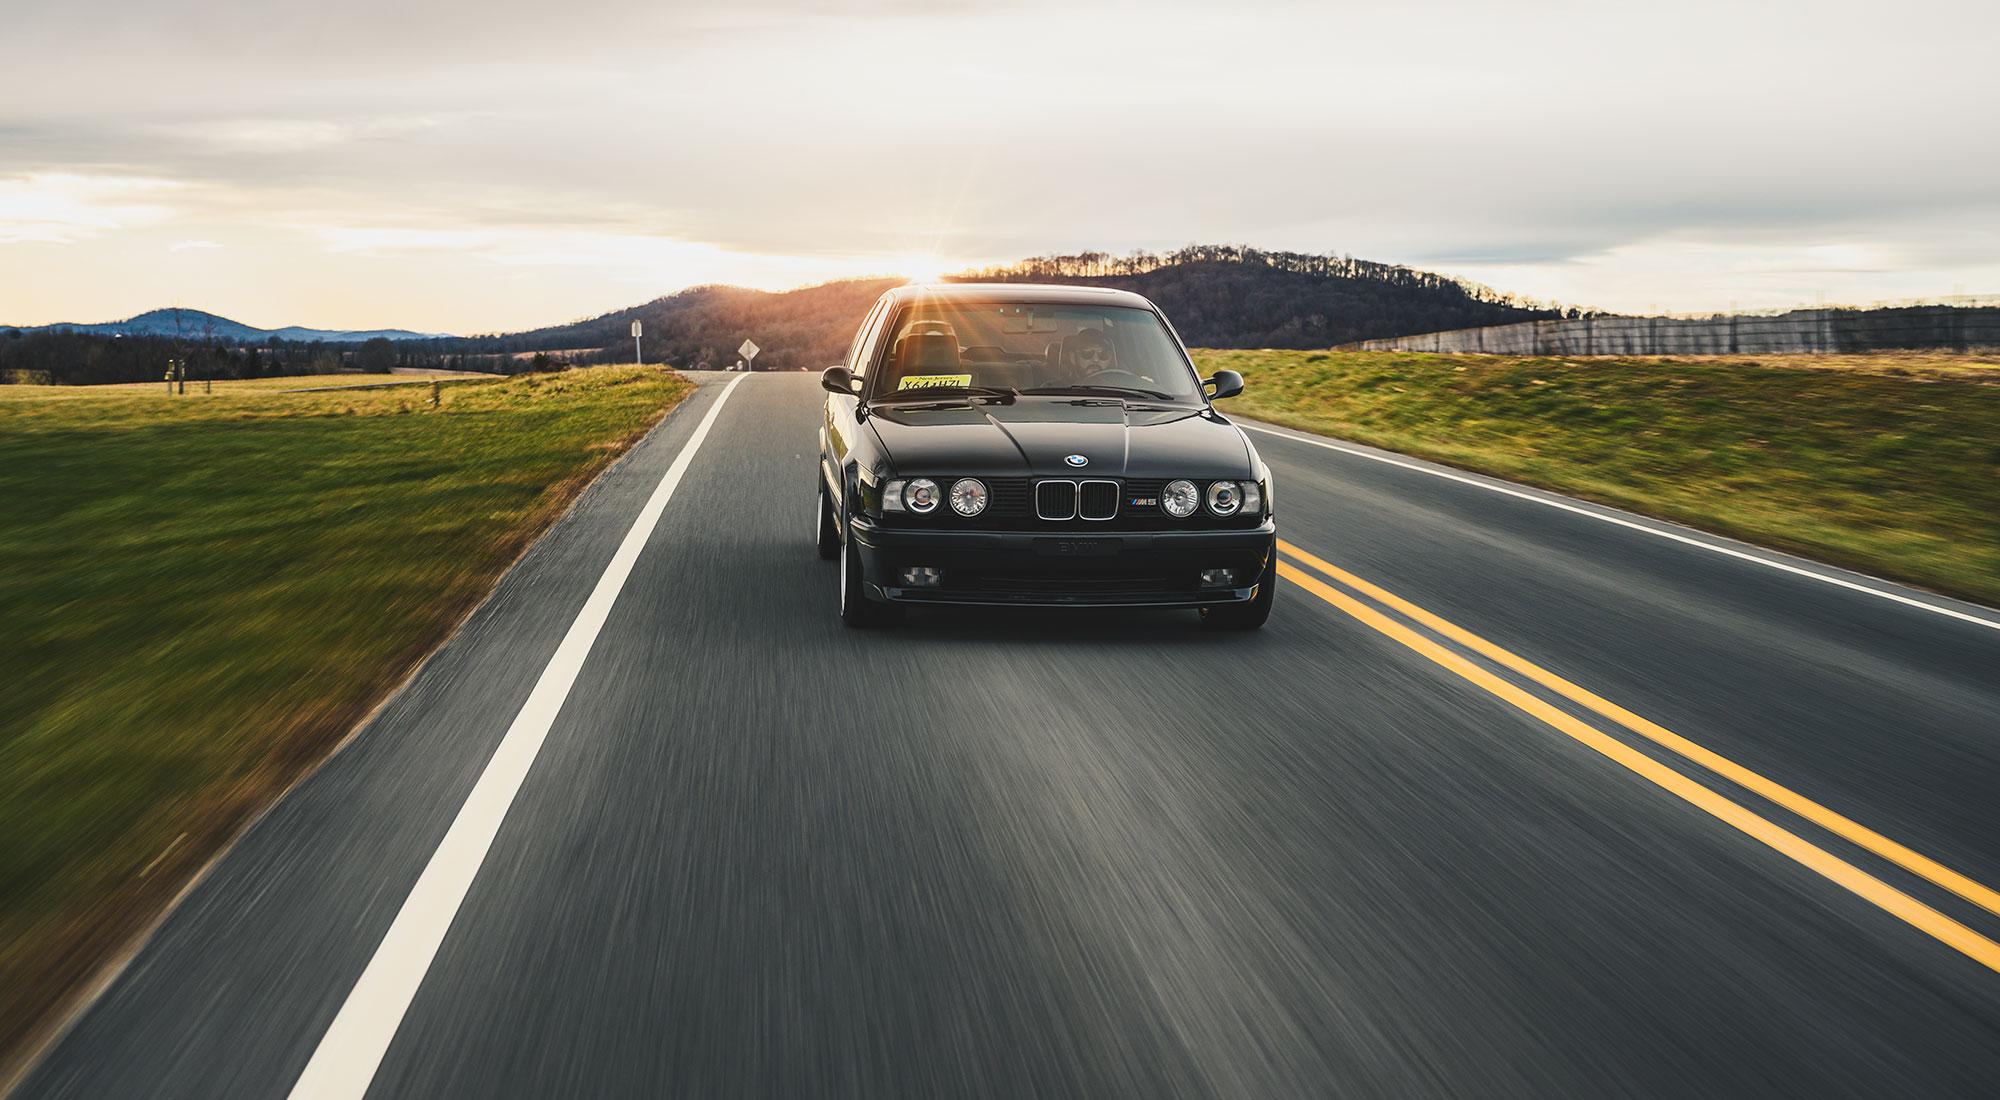 The BMW E34 M5 shoot